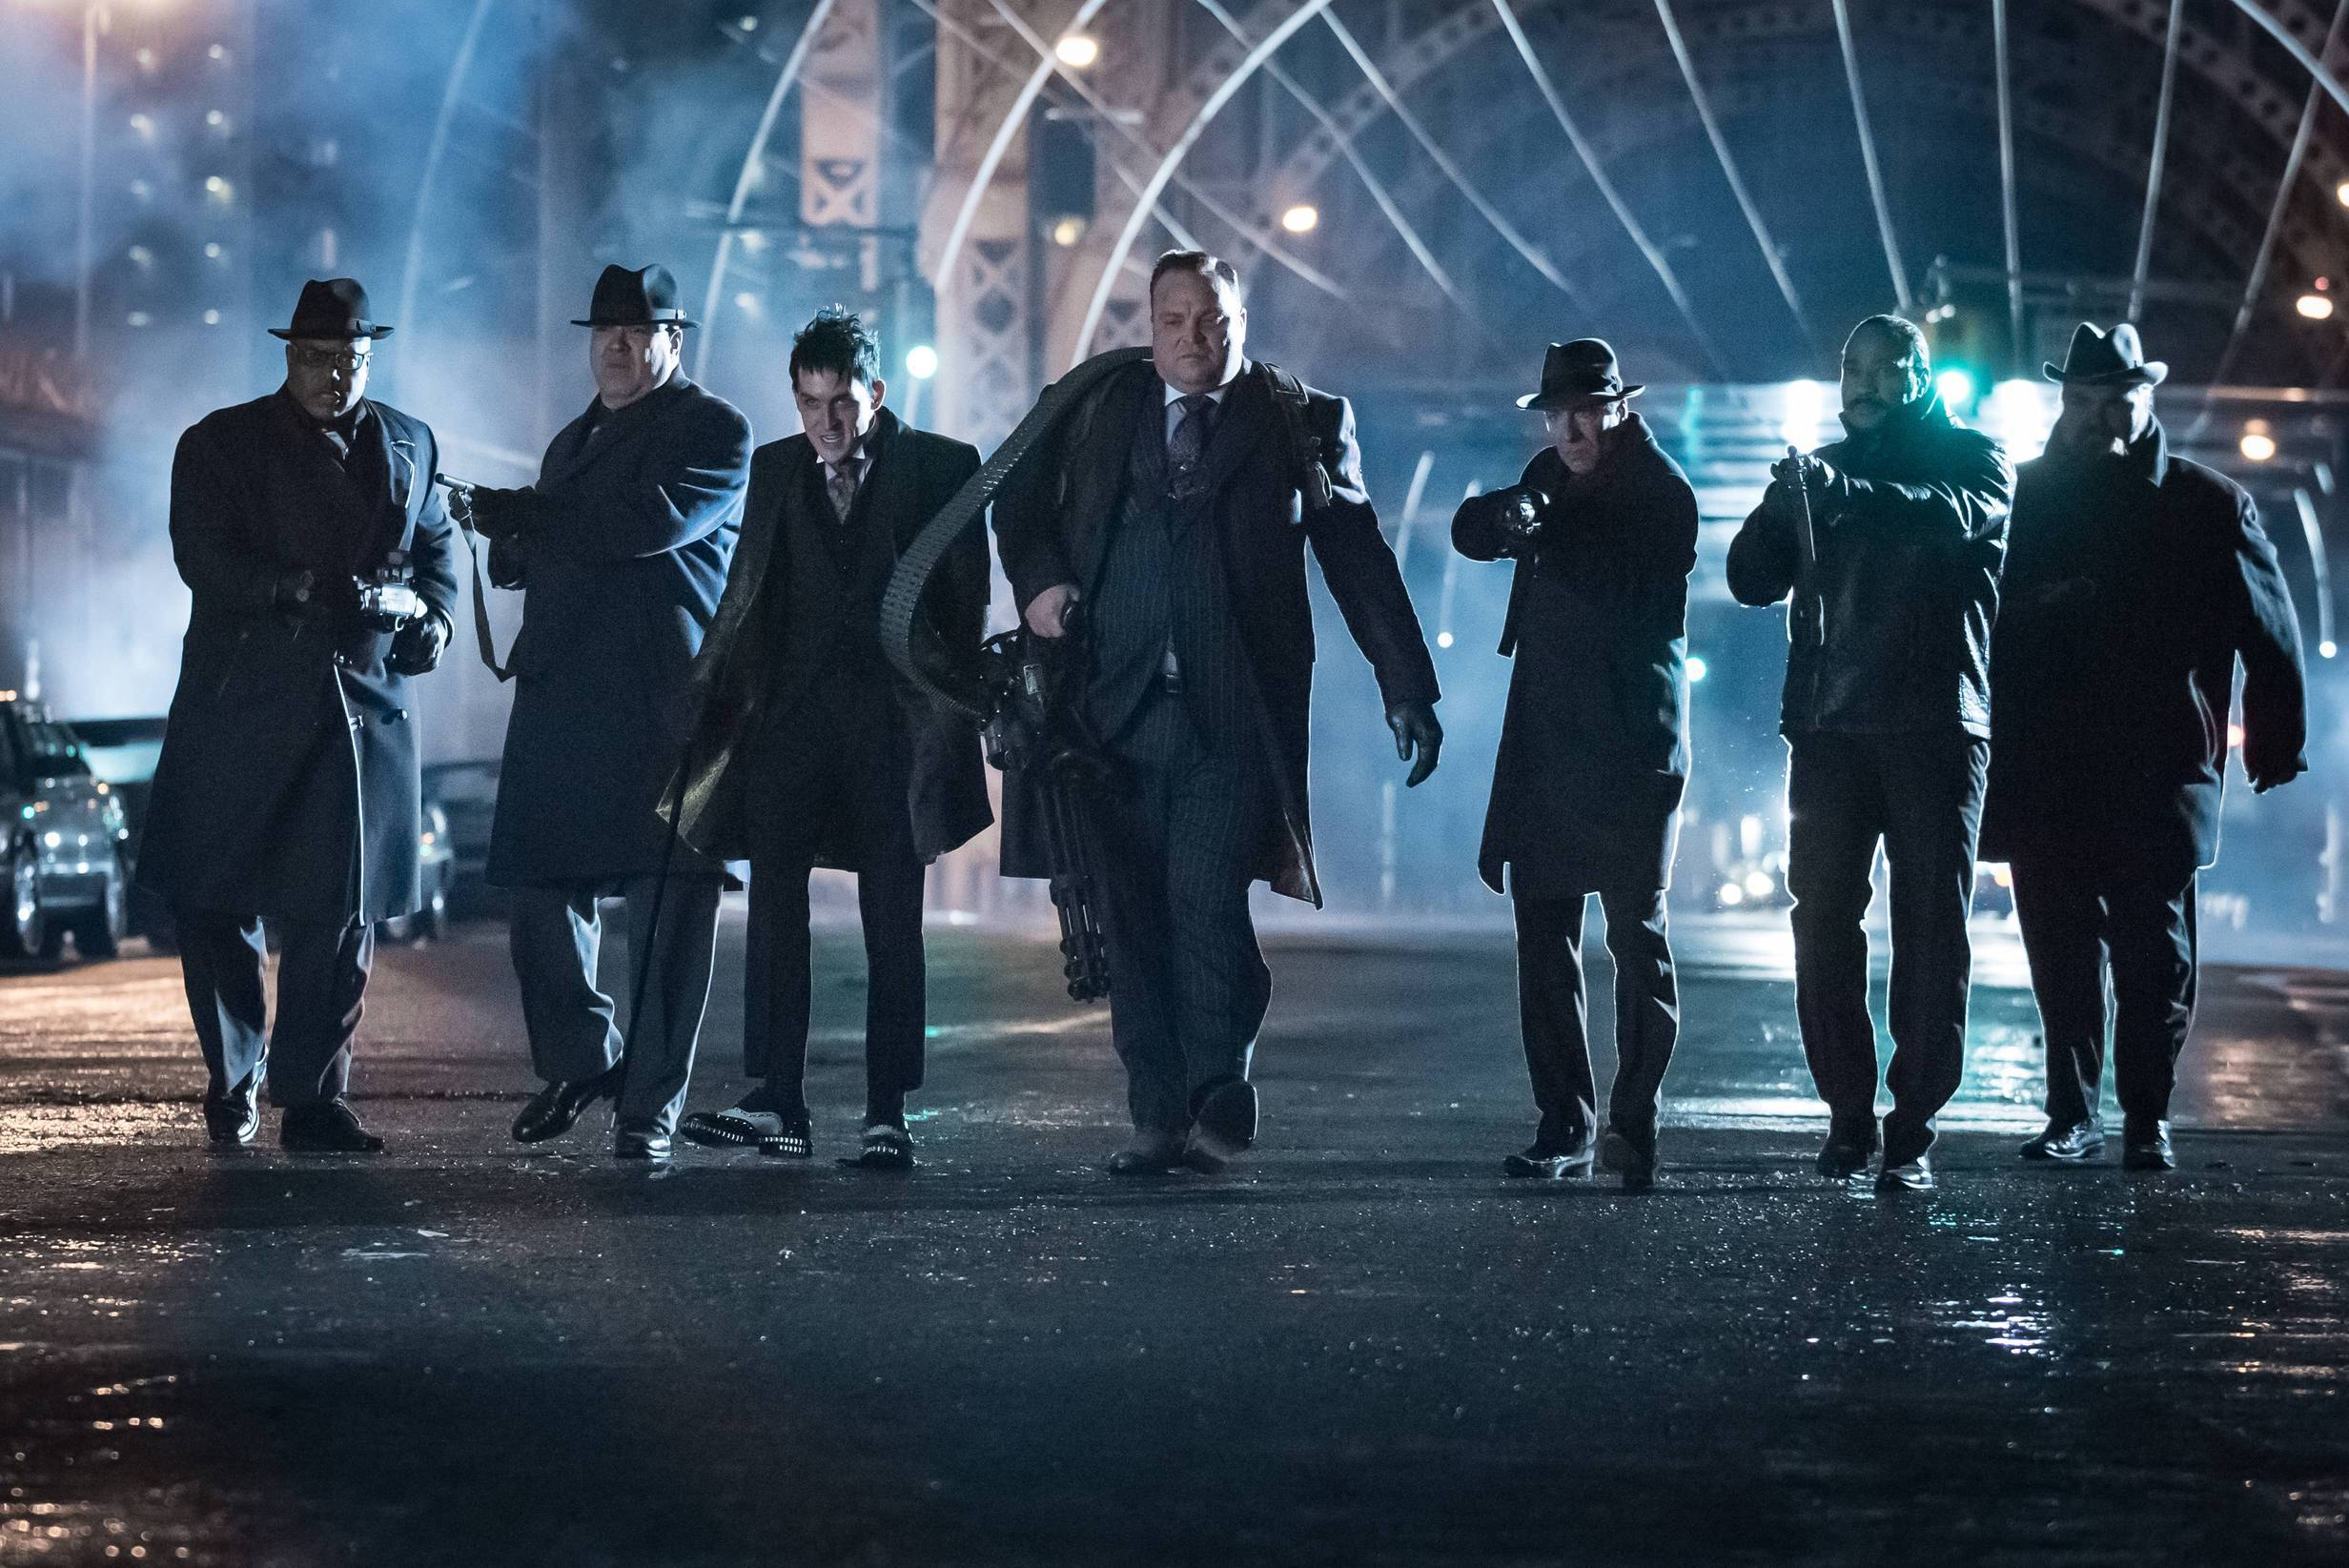 Gotham_222JN_0017_hires1